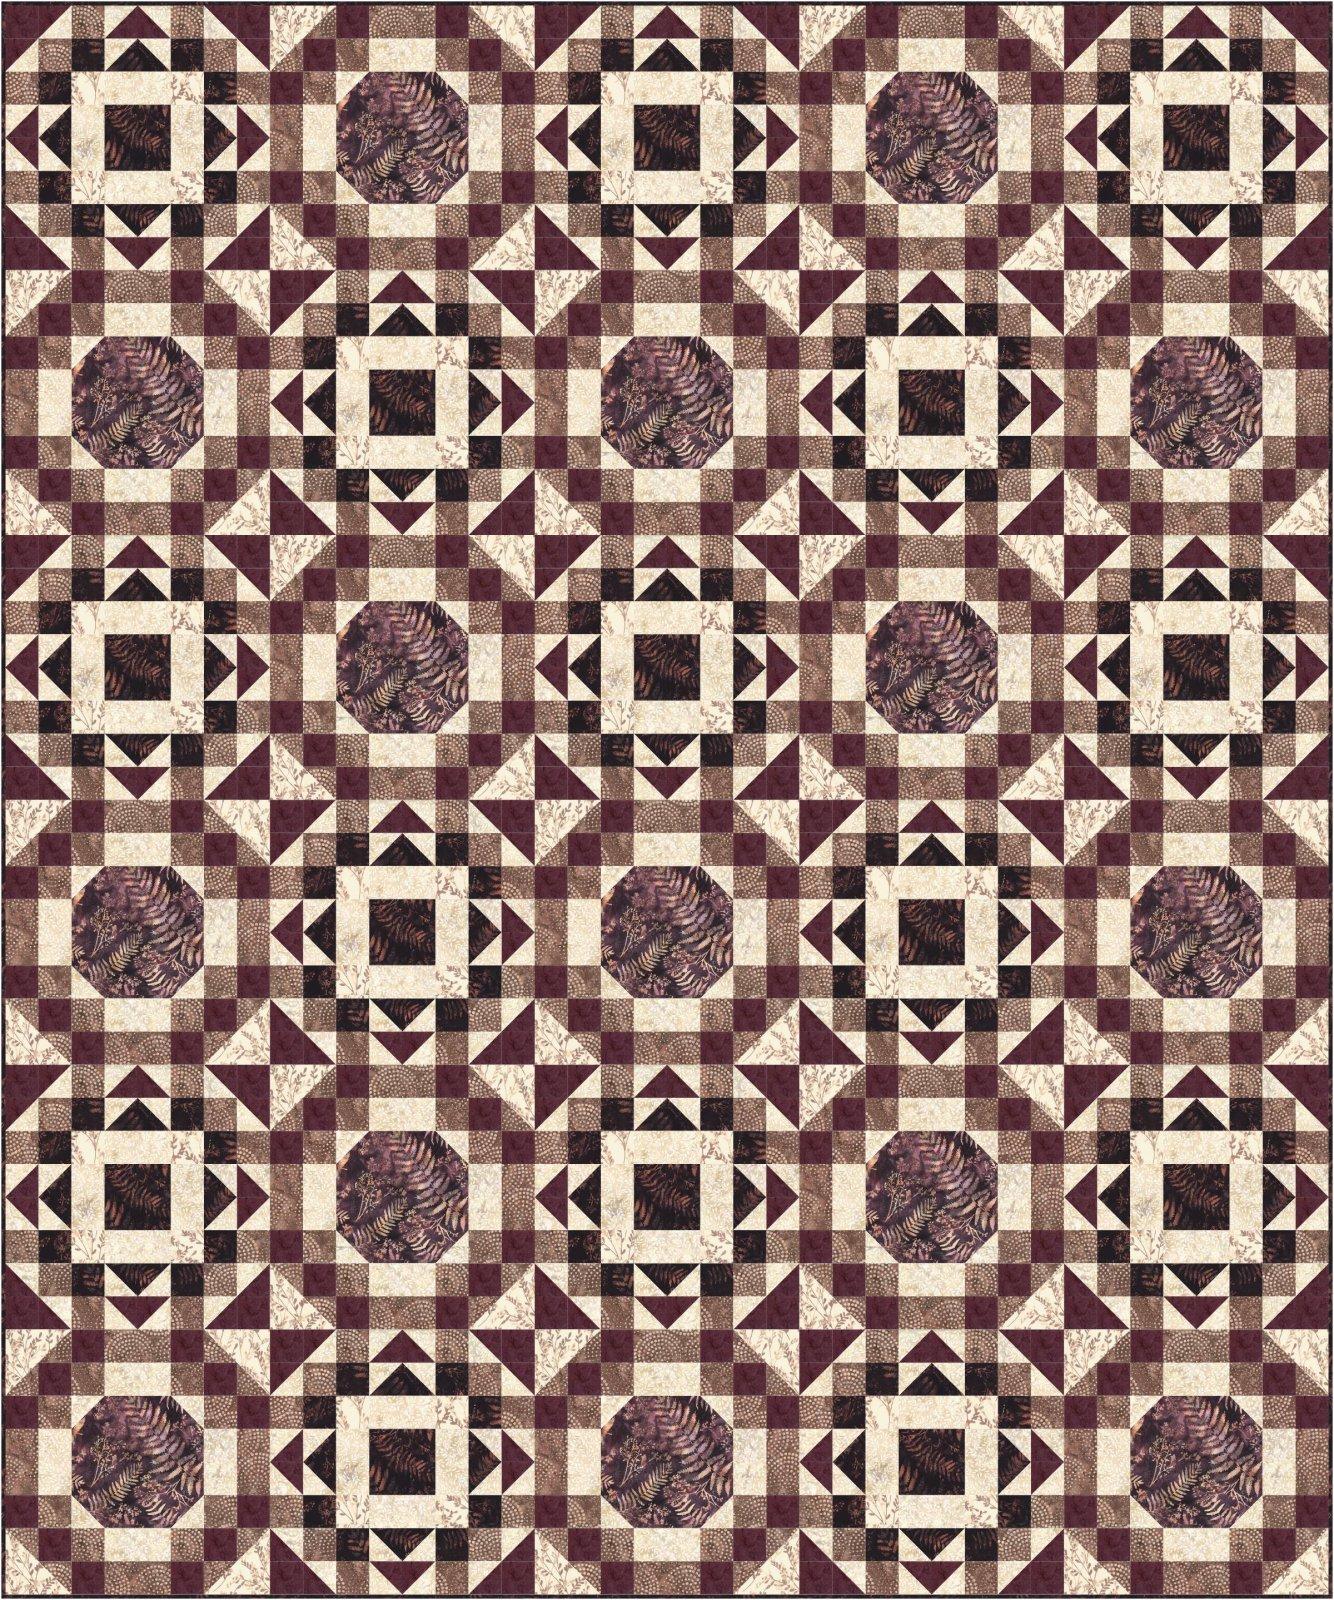 Bordeaux Tiling